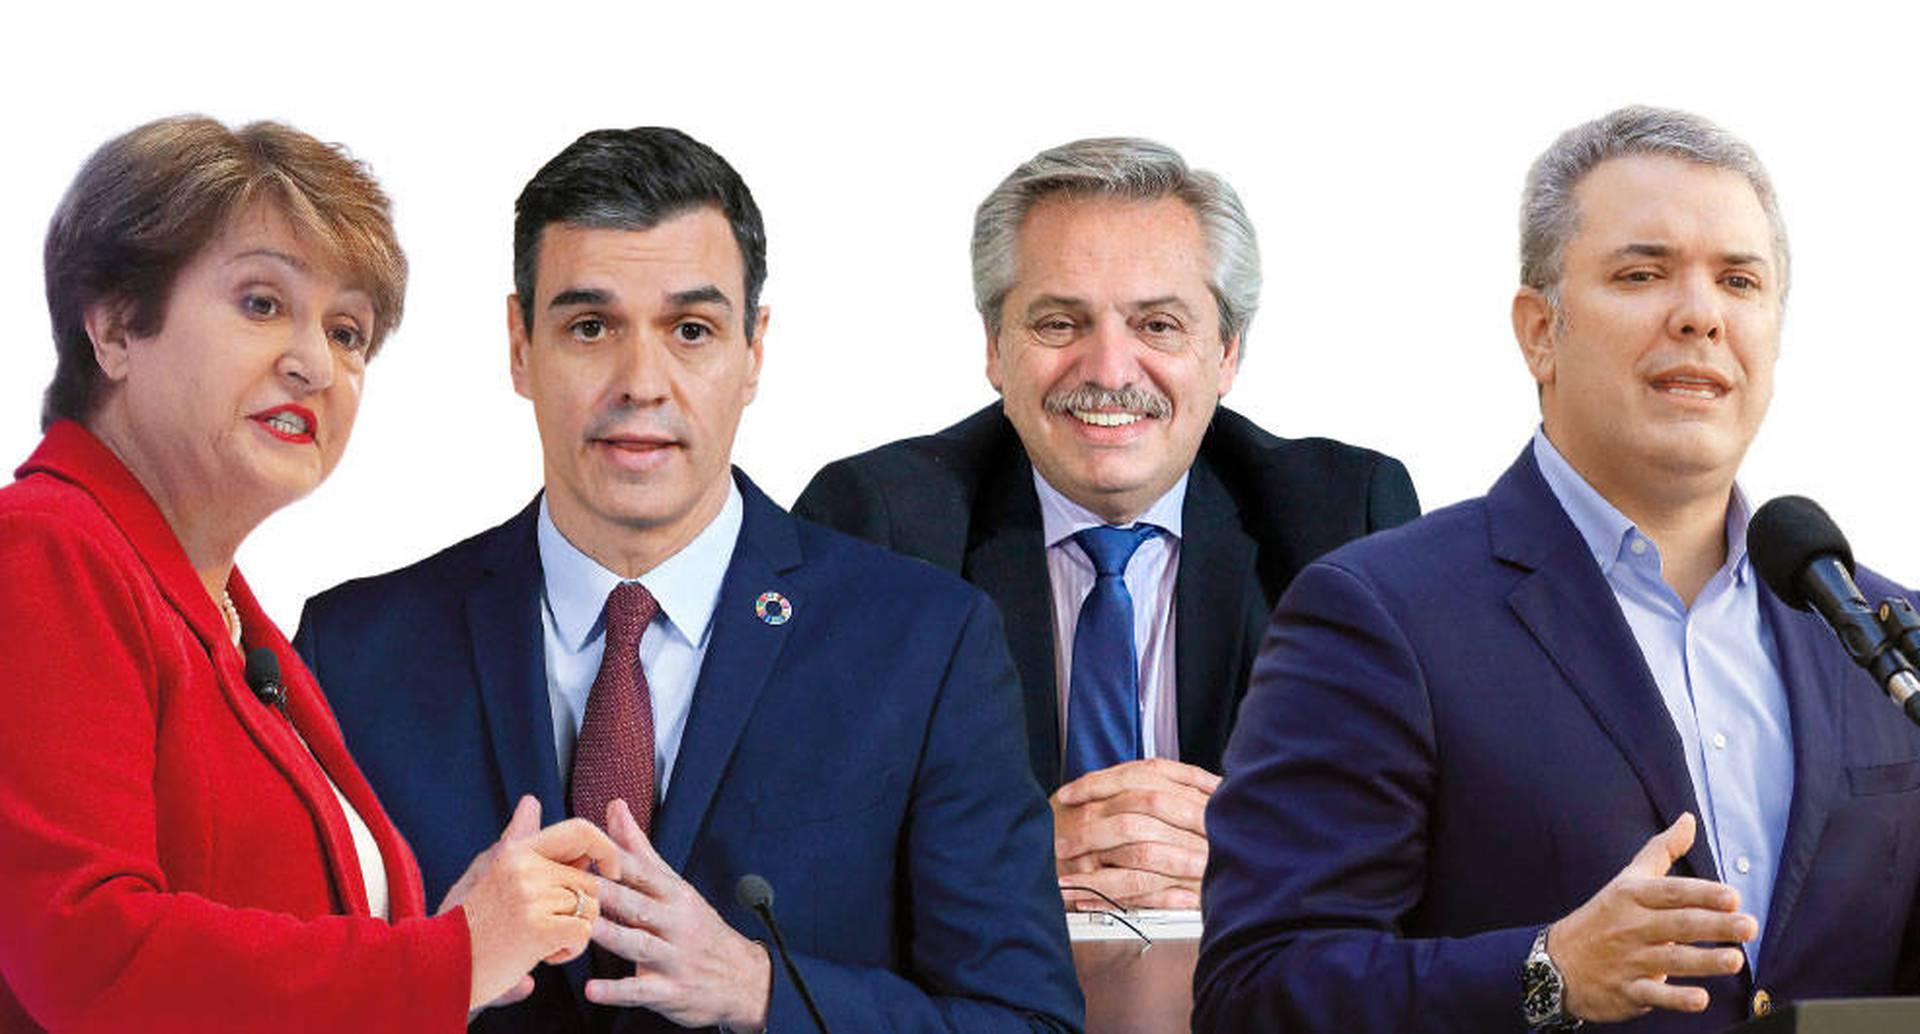 La presidenta del FMI, Kristalina Georgieva, y el presidente del Gobierno Español, Pedro Sánchez, escucharon las preocupaciones de diez mandatarios de la región, entre ellos, Alberto Fernández, de Argentina, e Iván Duque, de Colombia.